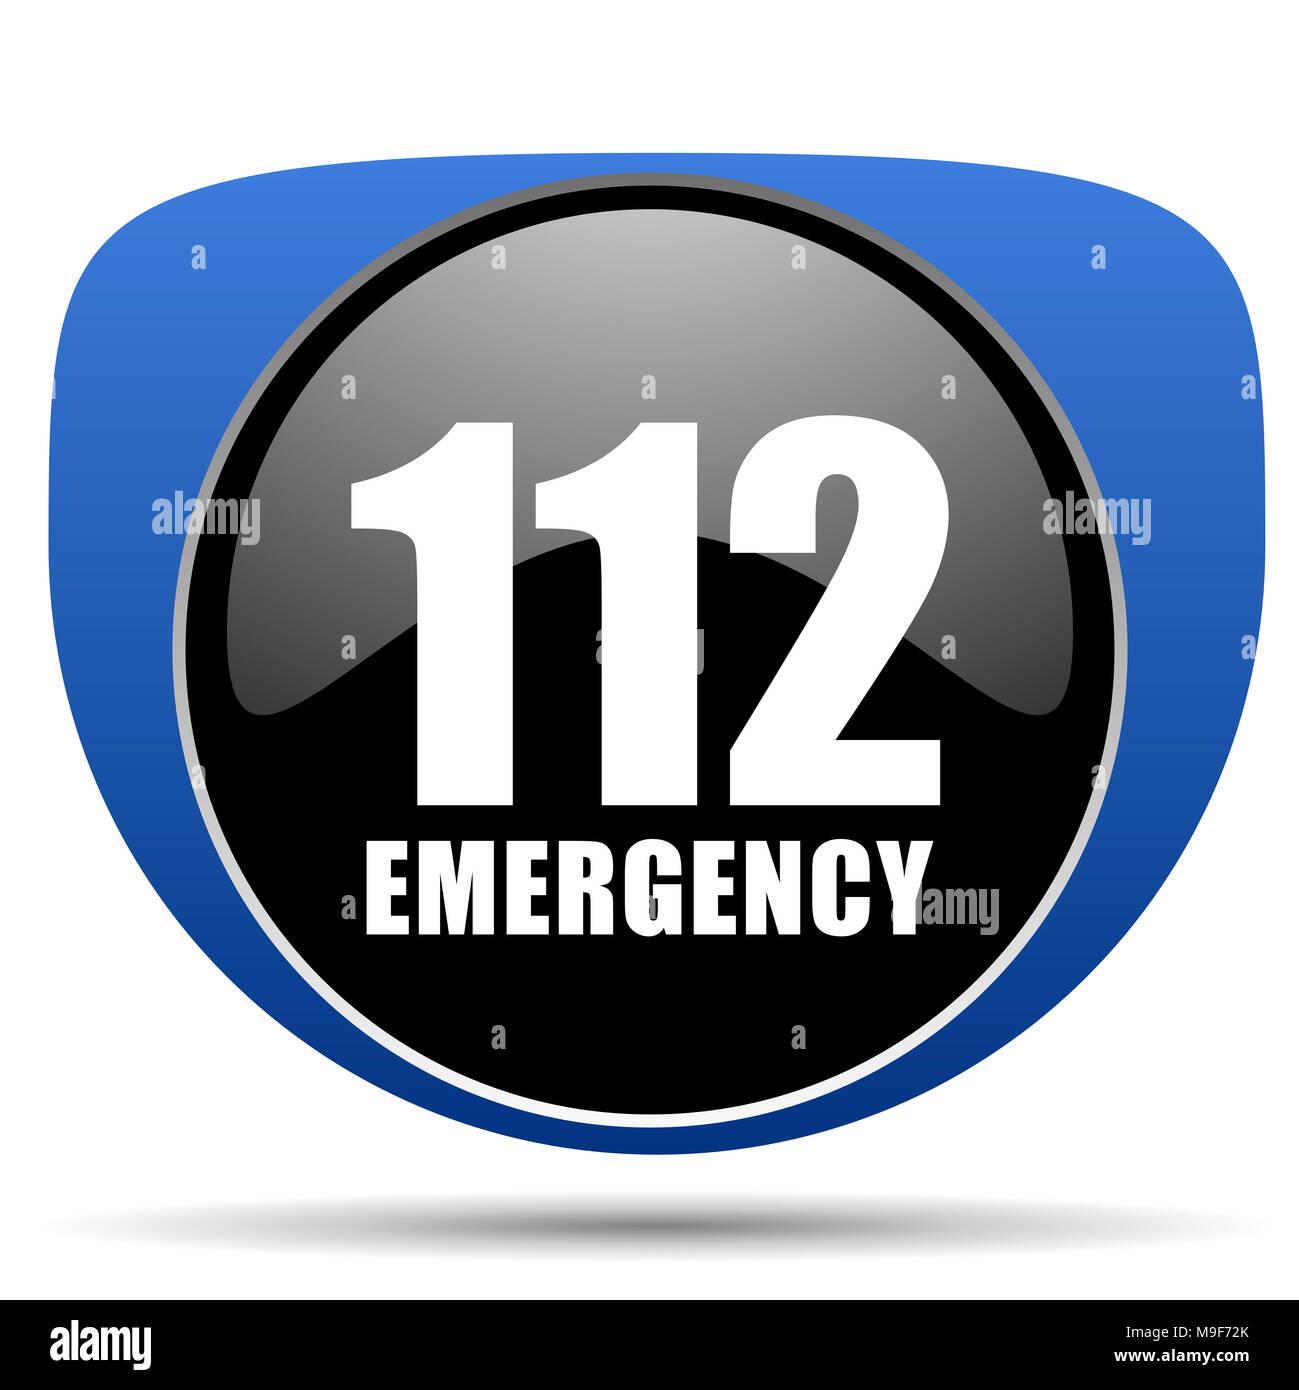 Number emergency 112 web icon - Stock Image